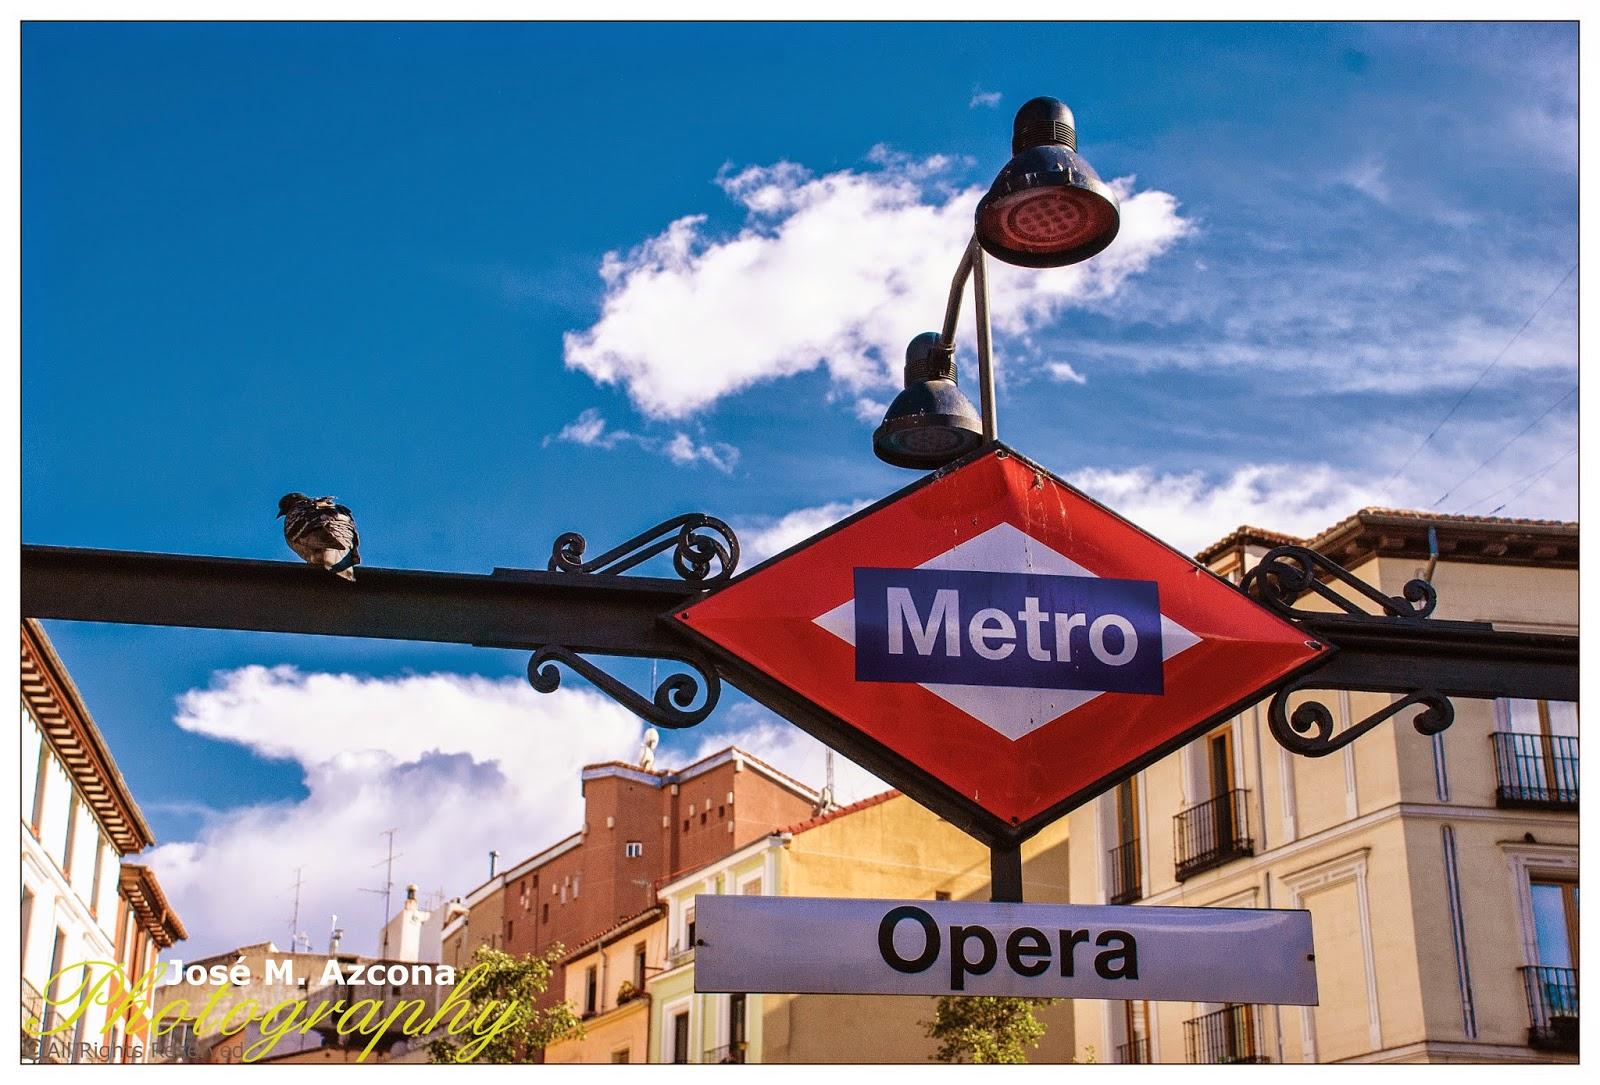 Estación de metro Ópera